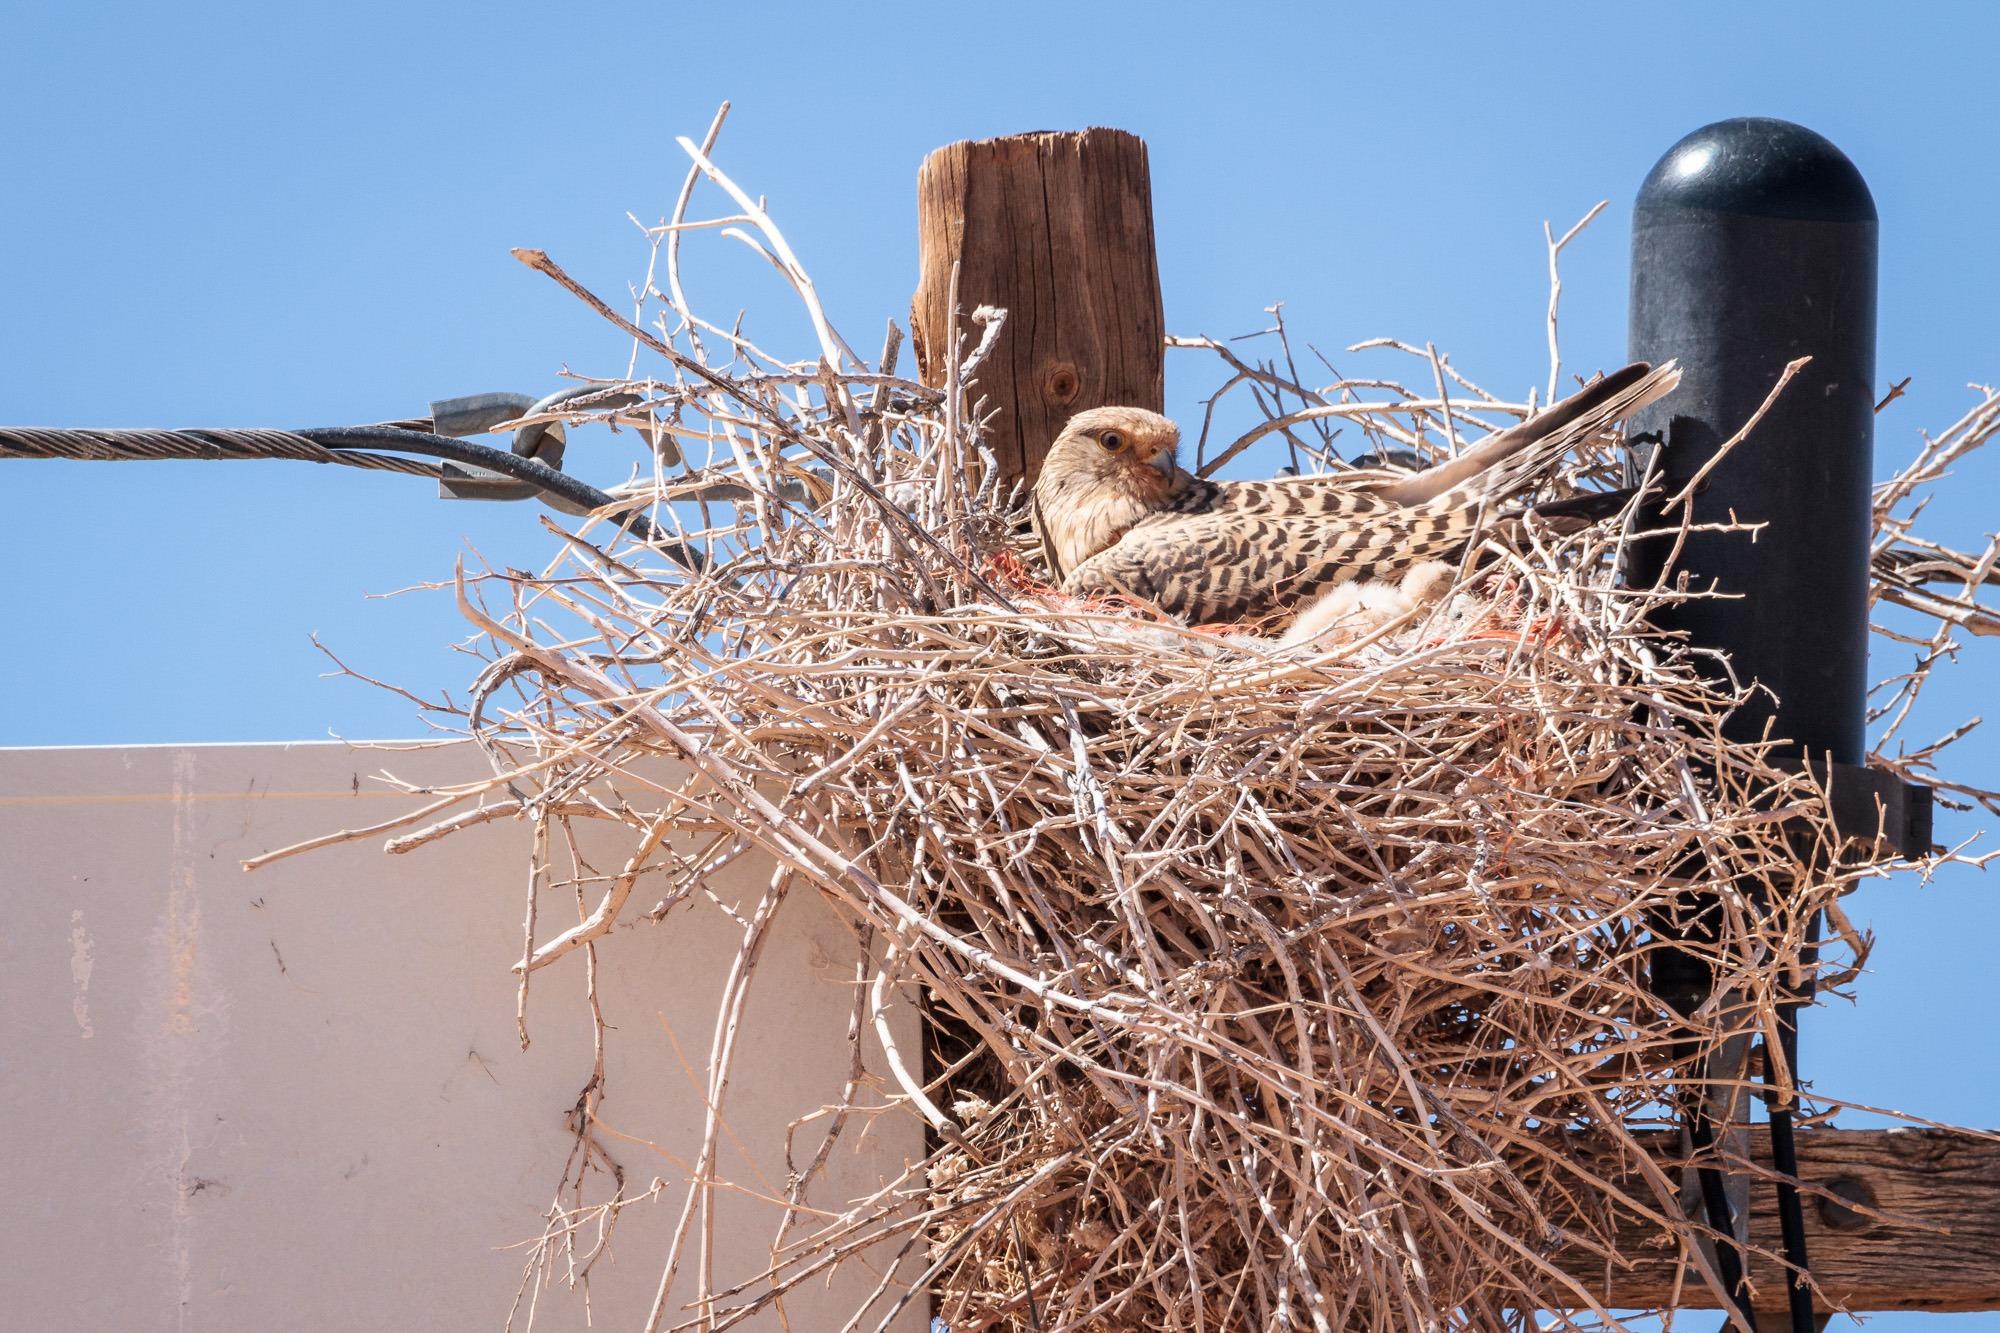 Greifvogel mit Küken im Nest an einem Strommasten